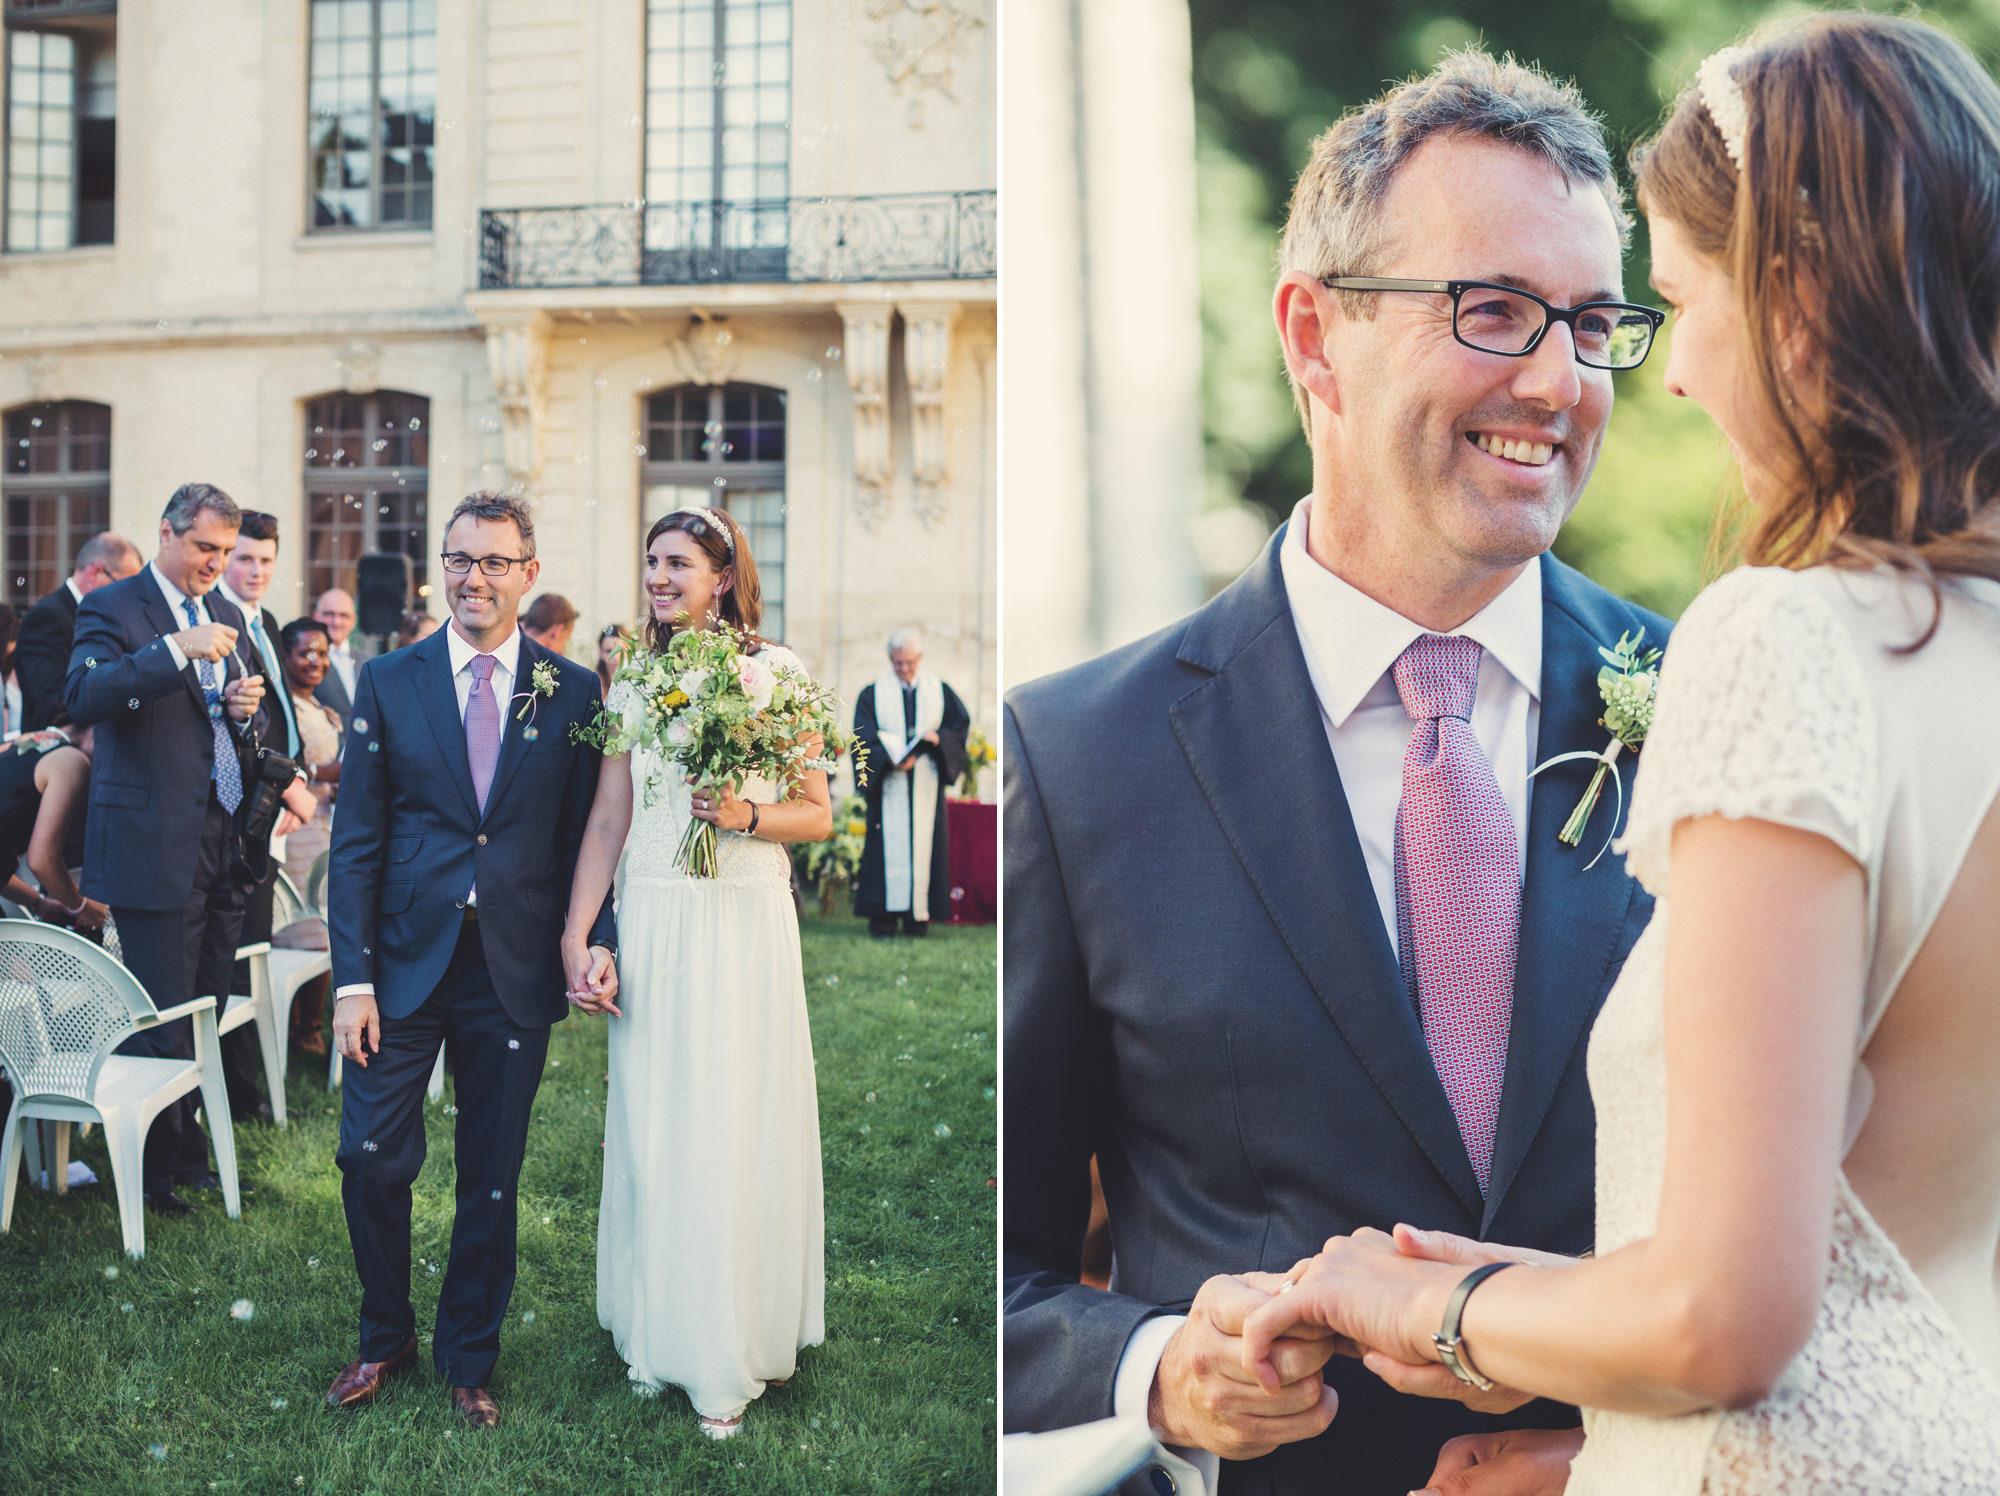 Mariage au Chateau d'Ermenonville@Anne-Claire Brun 48